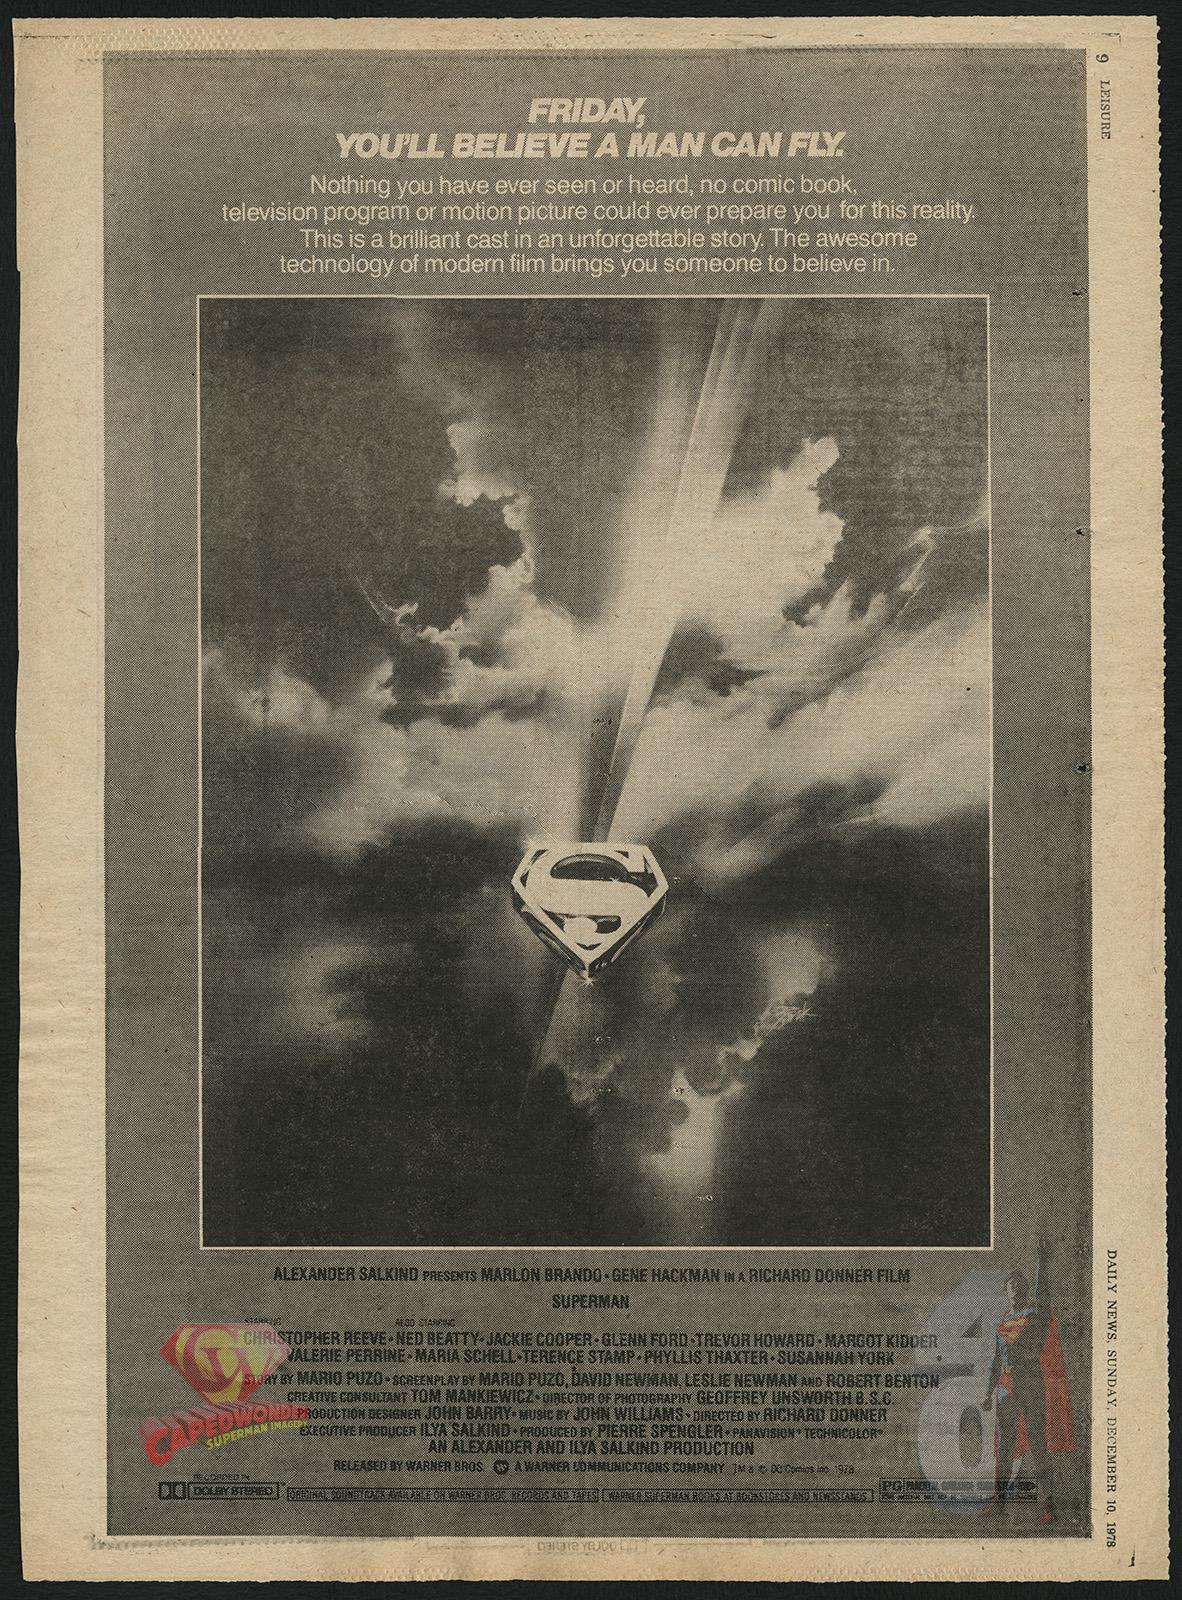 CW-STM-Daily-News-Dec-10-78